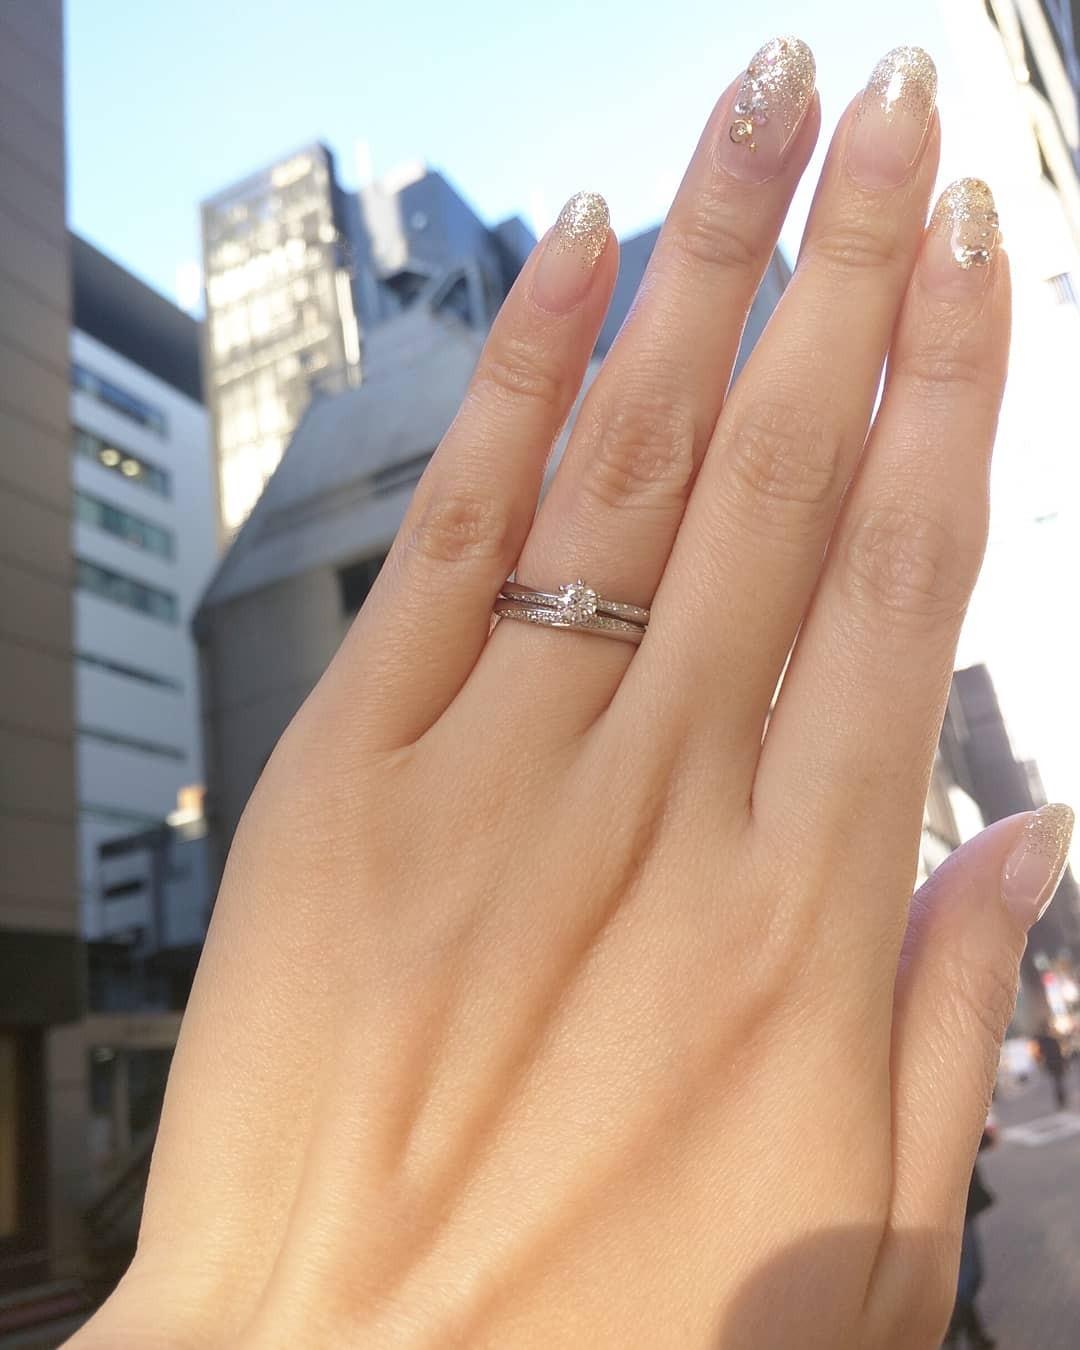 婚約指輪と結婚指輪の重ねつけが可愛いセットリングBRIDGE銀座の人気デザインやわらかな春風、美しいウェーブラインのダイヤモンドがエレガント